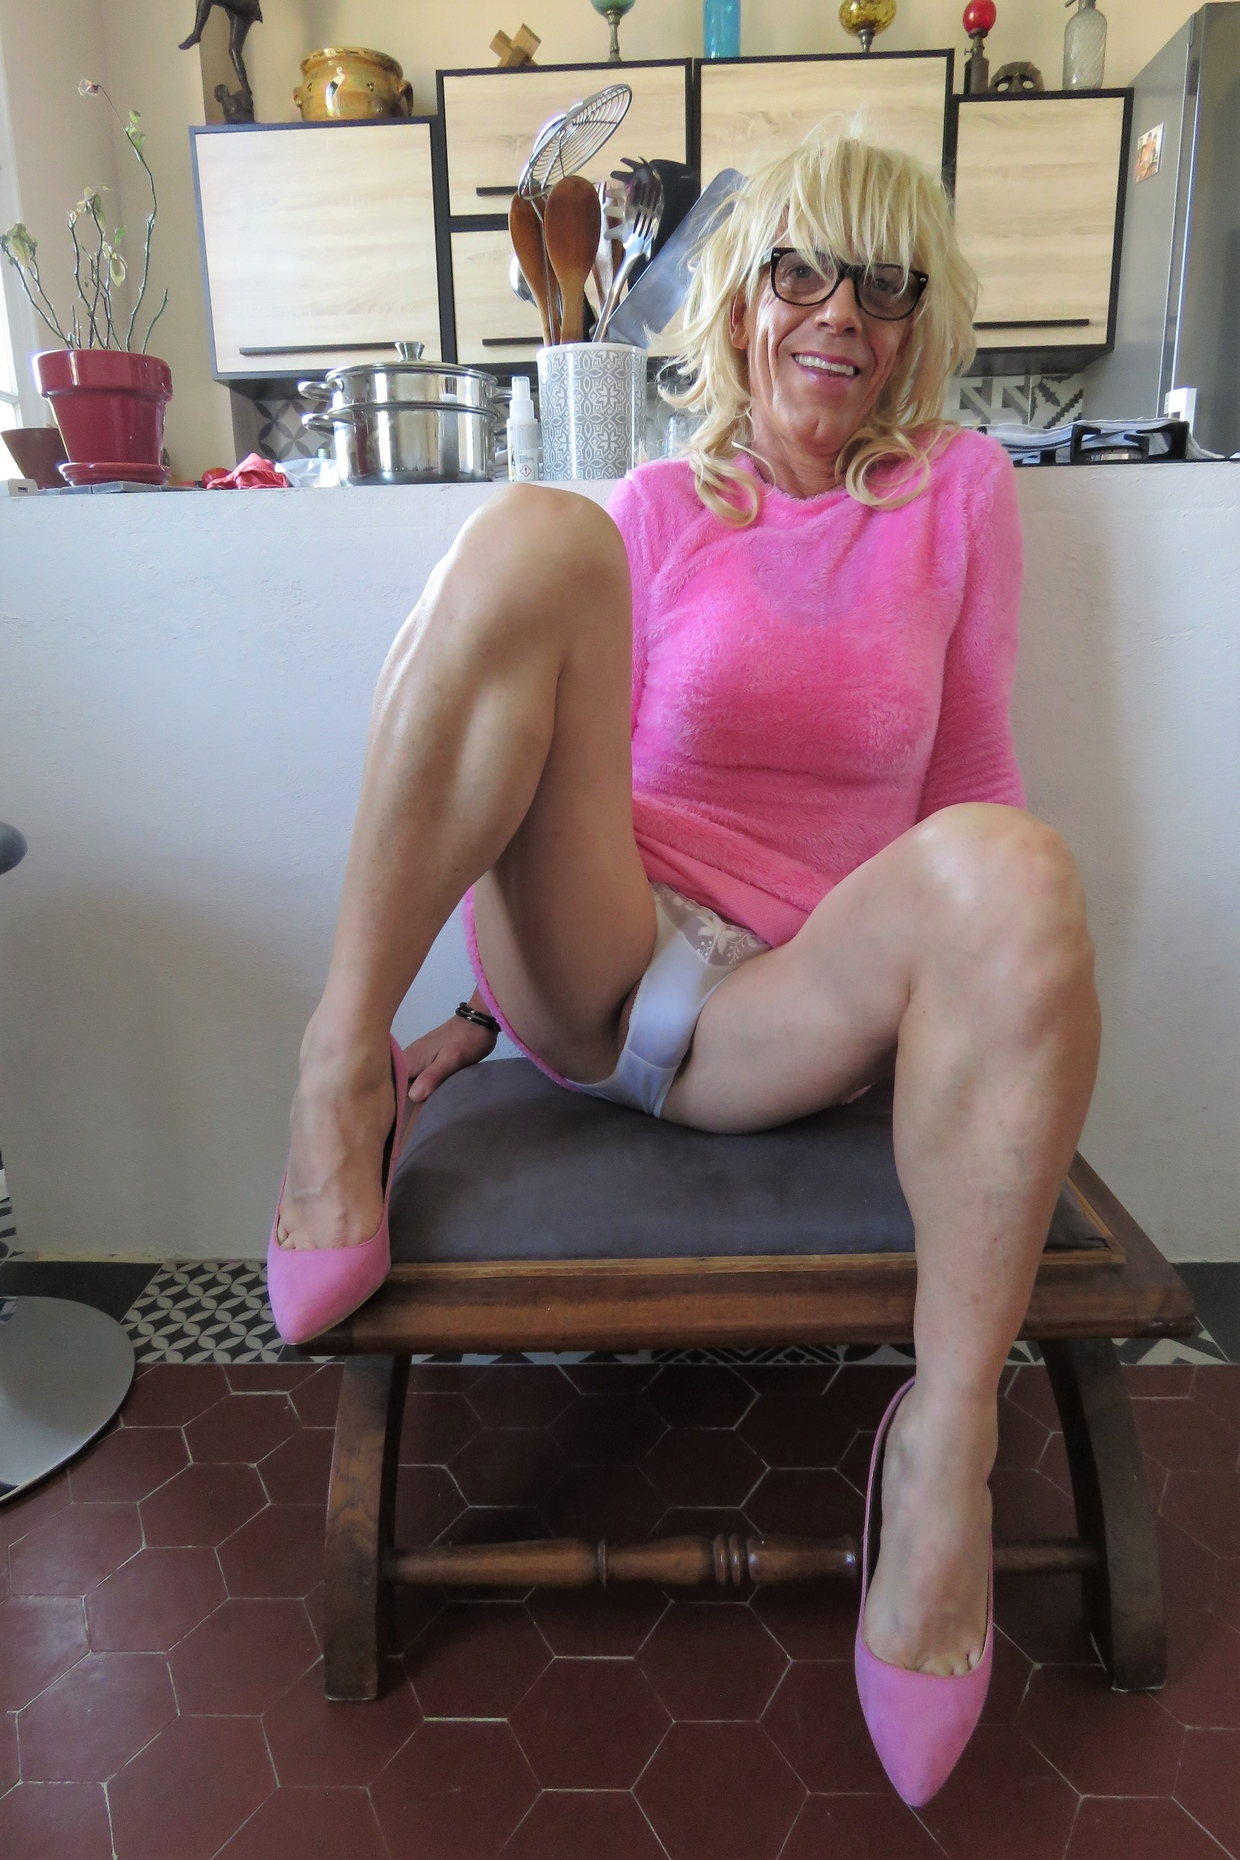 Szőke travi a konyhában mutogatja a bugyiját - 46/55 kép